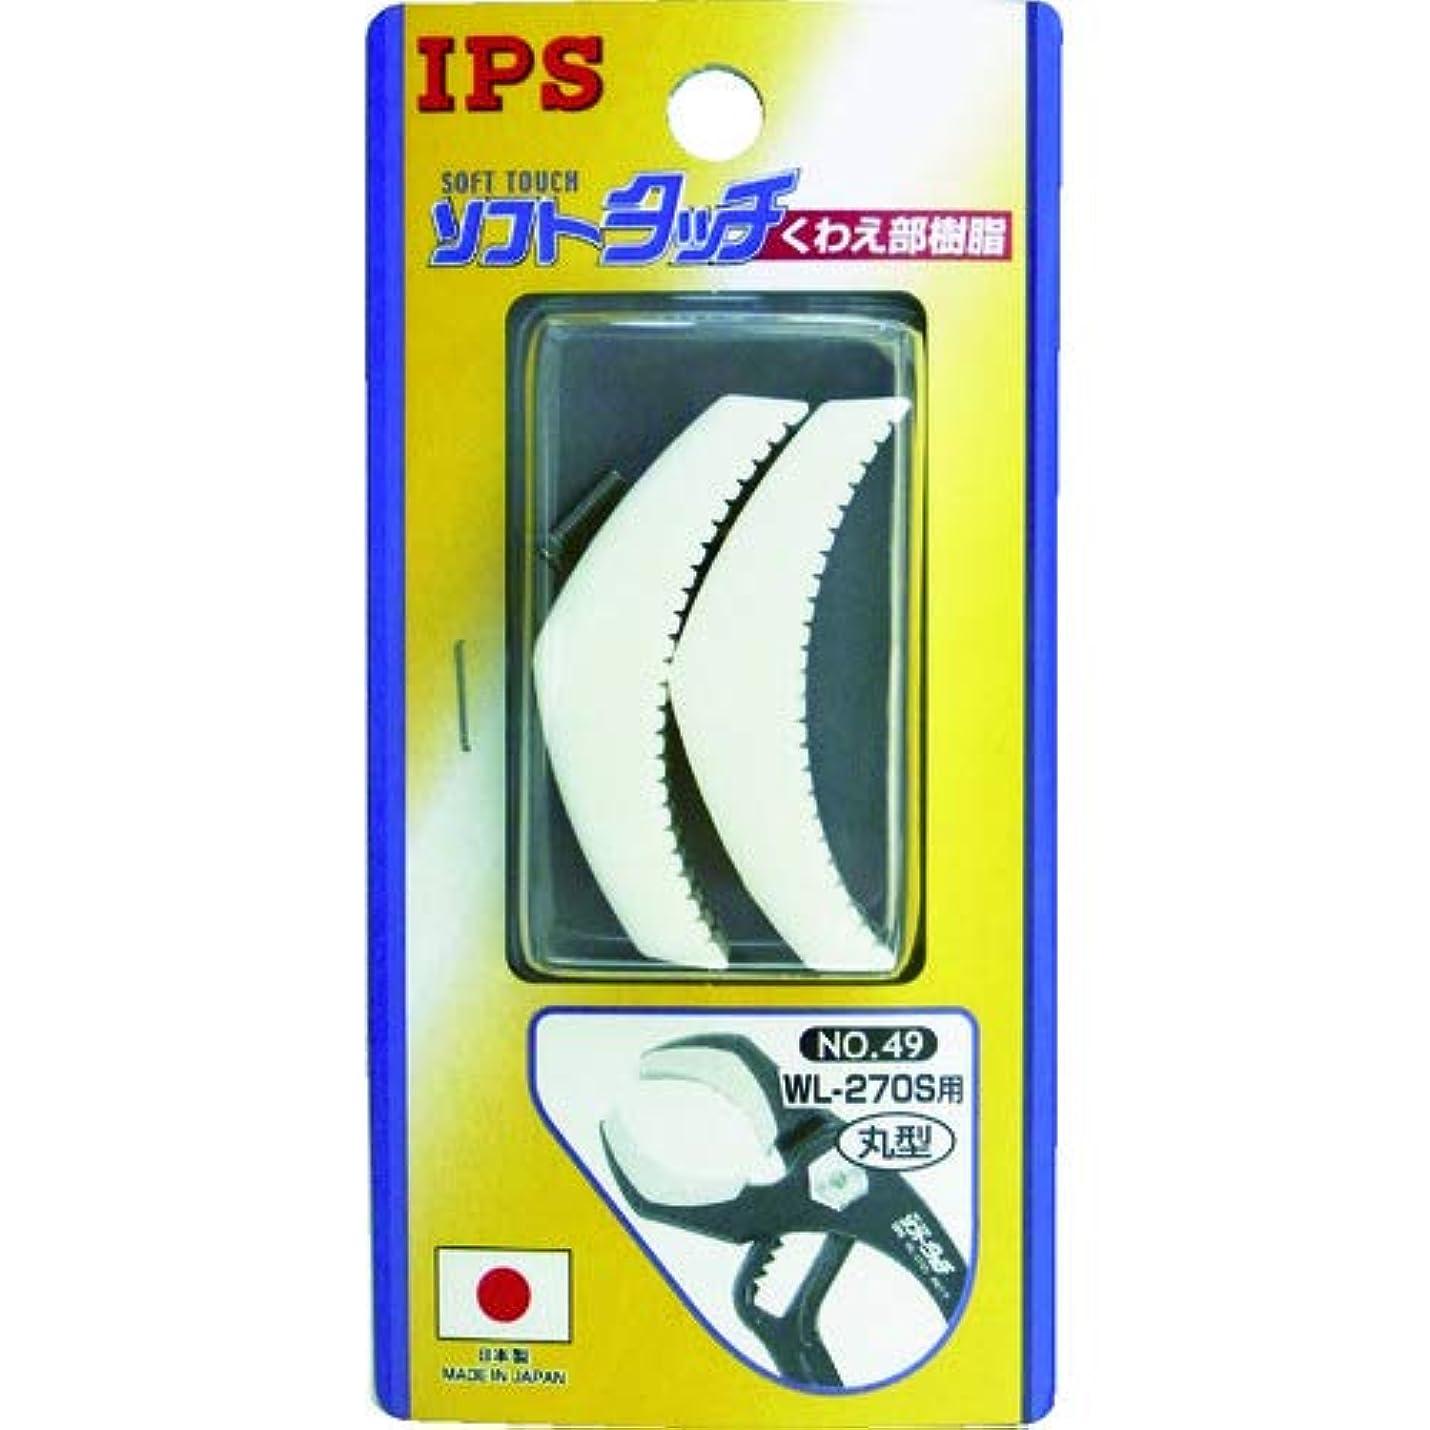 定規才能のある斧IPS(アイピーエス) くわえ部樹脂 NO.49